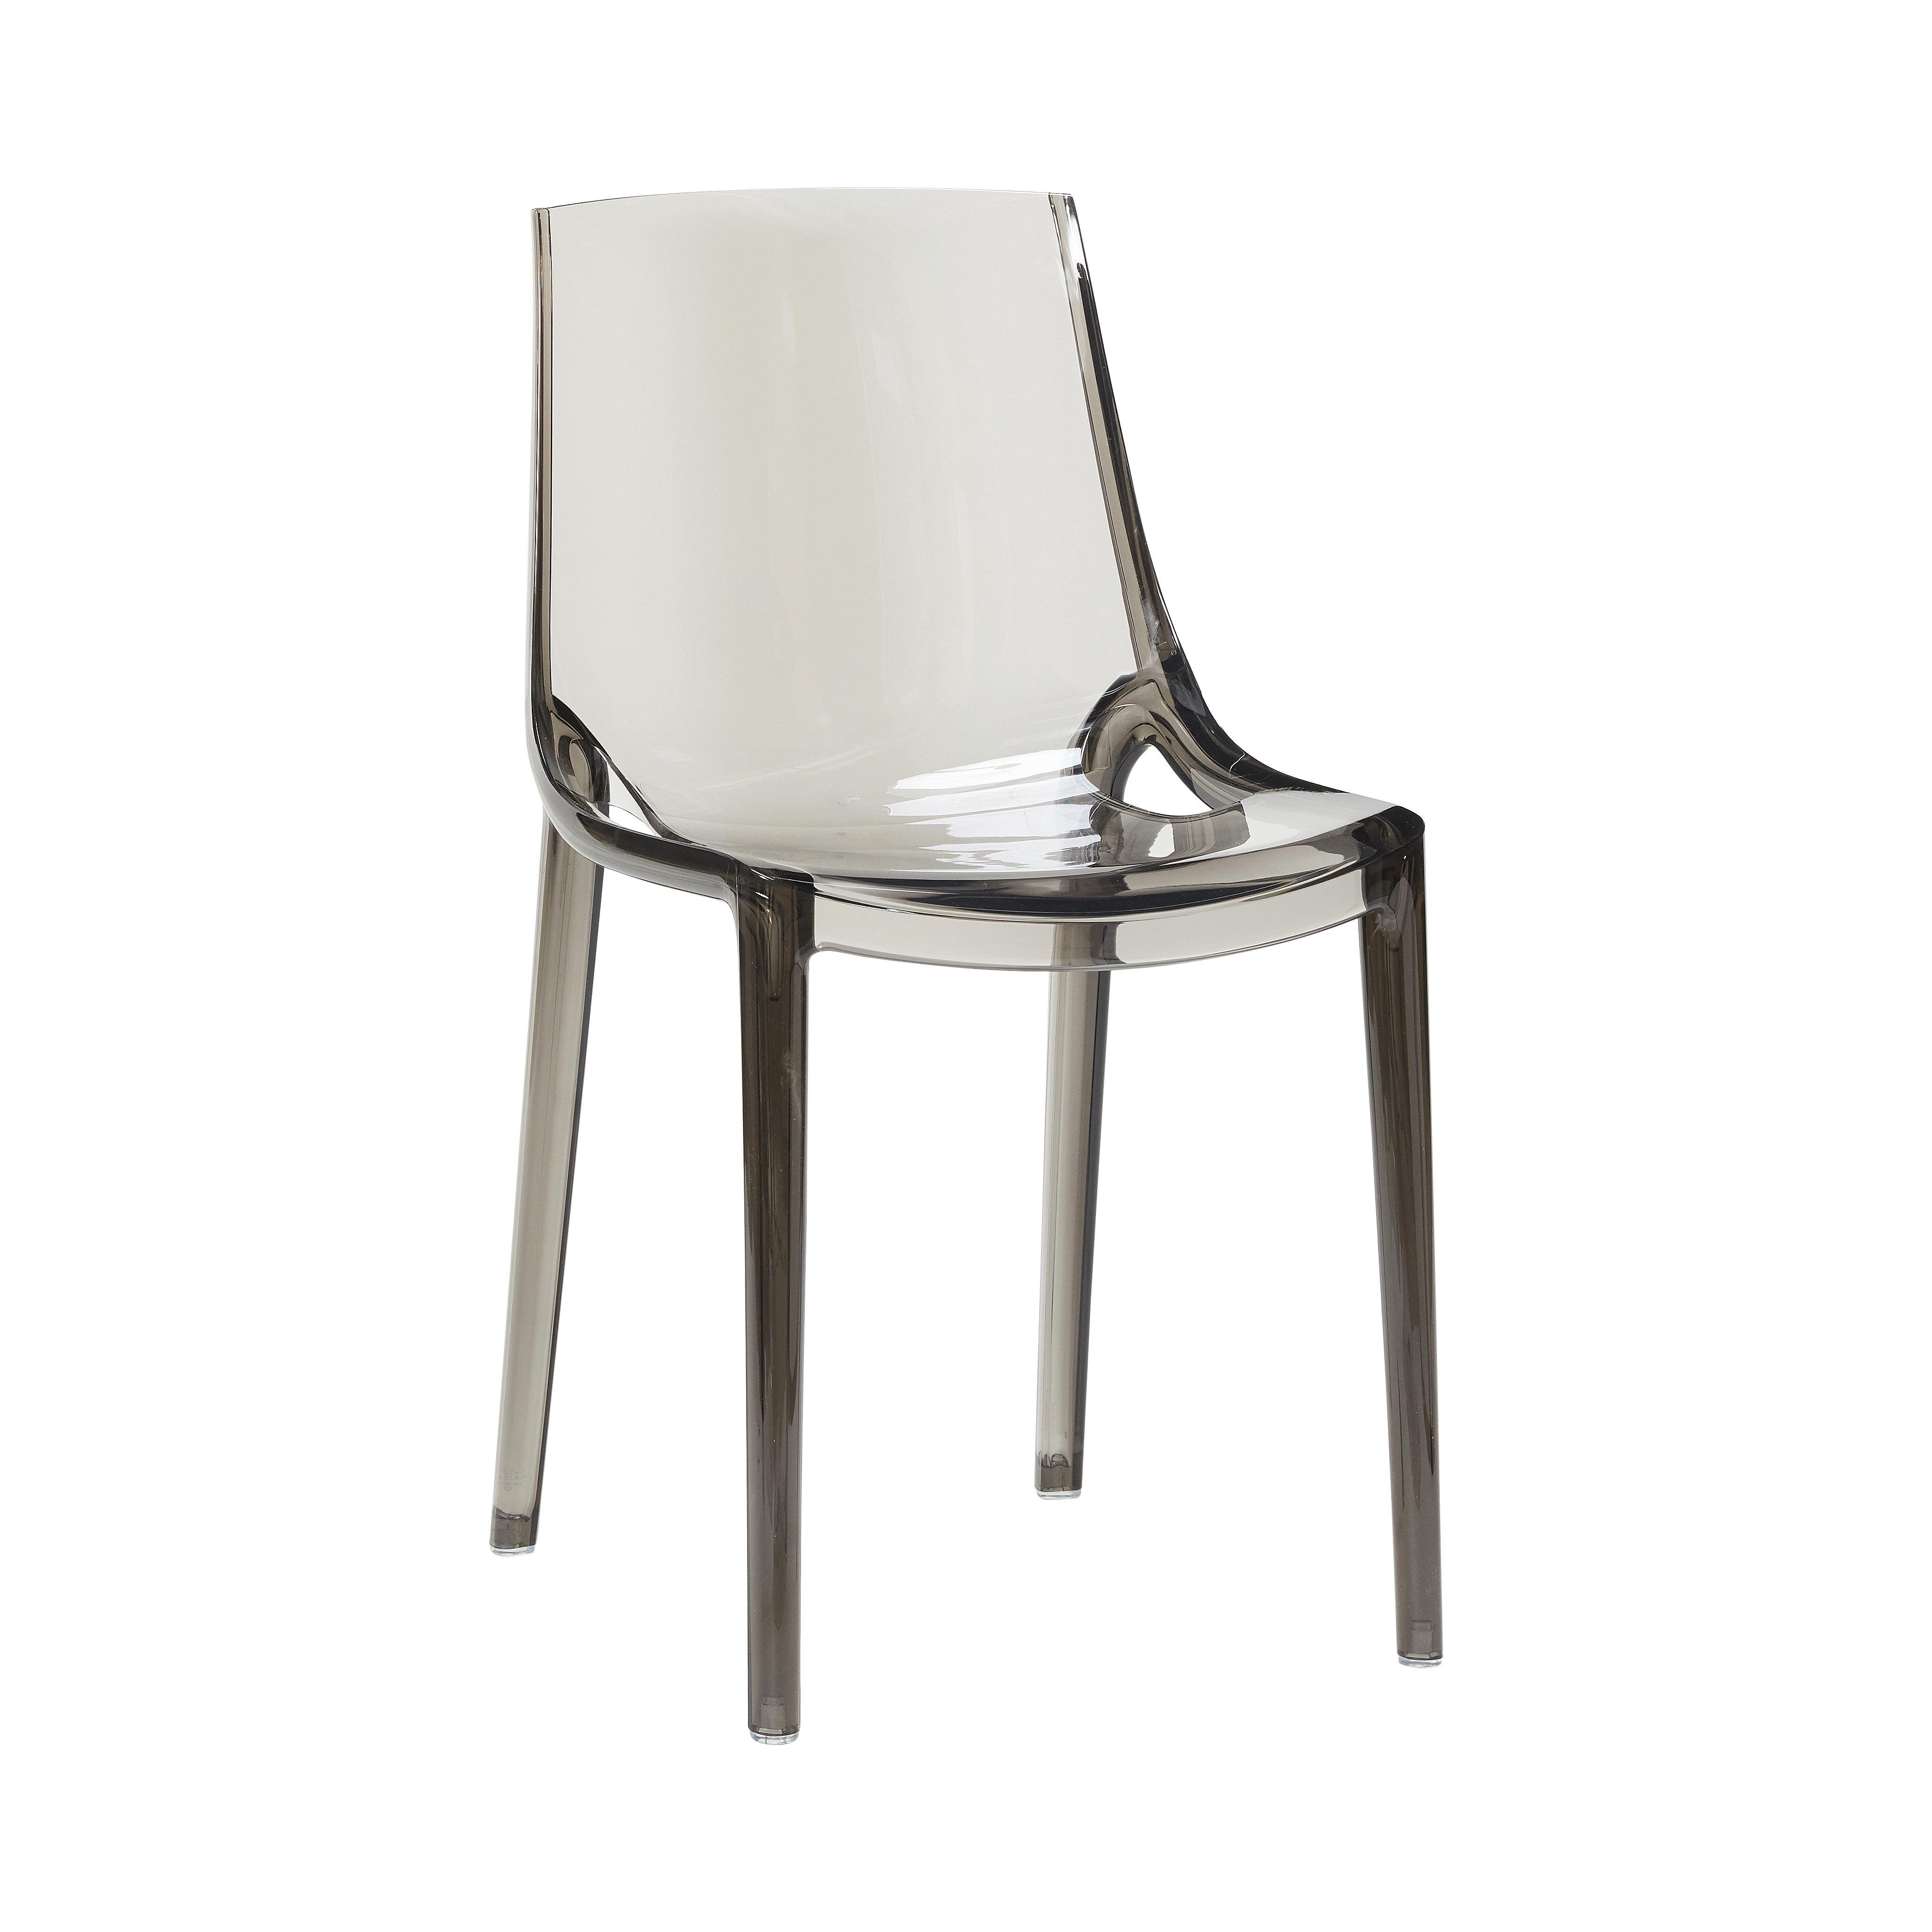 Image of   Hübsch Seoul plastik stol / grå